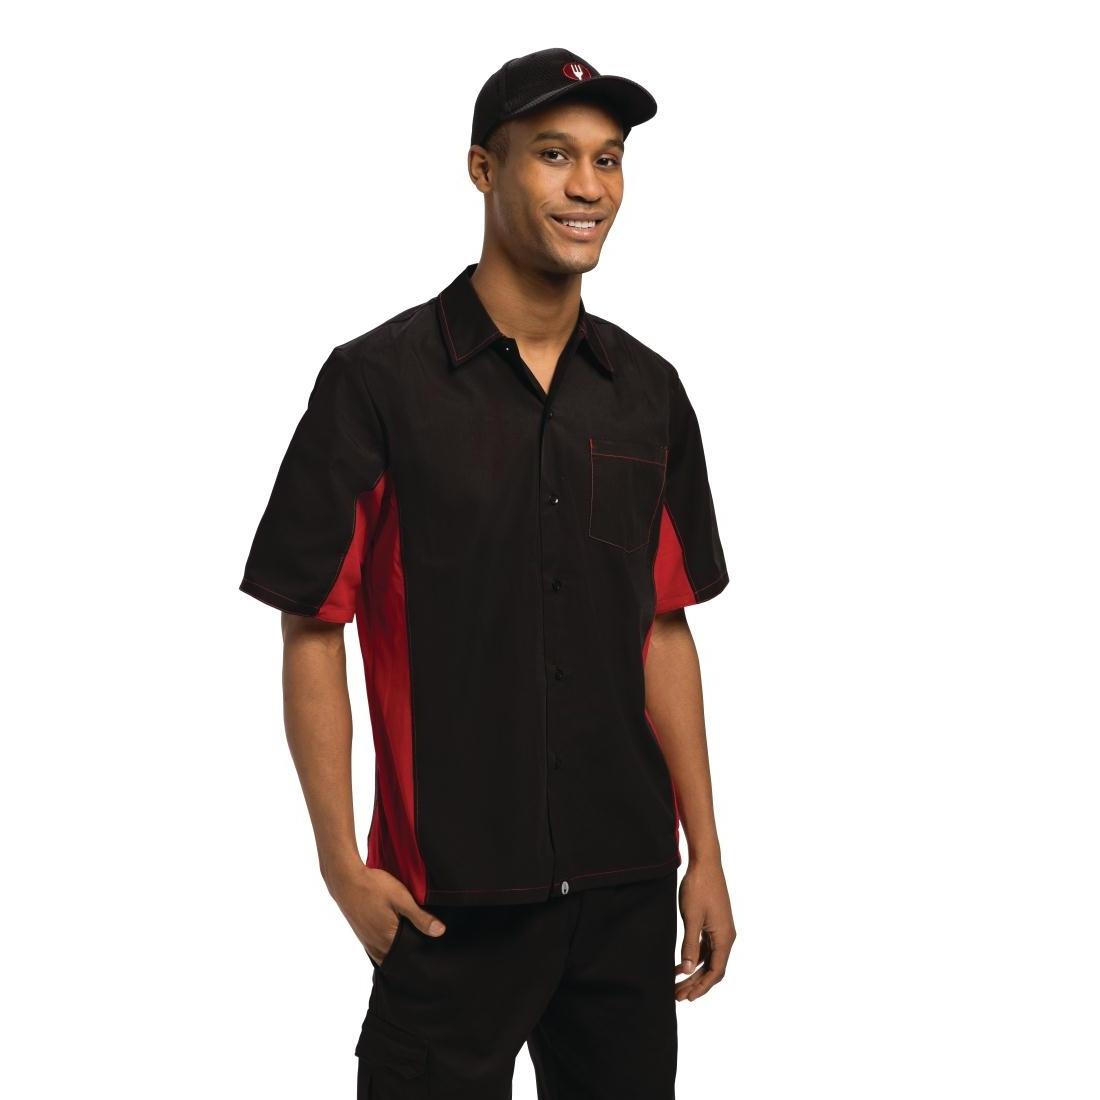 Chemise contraste noire et rouge